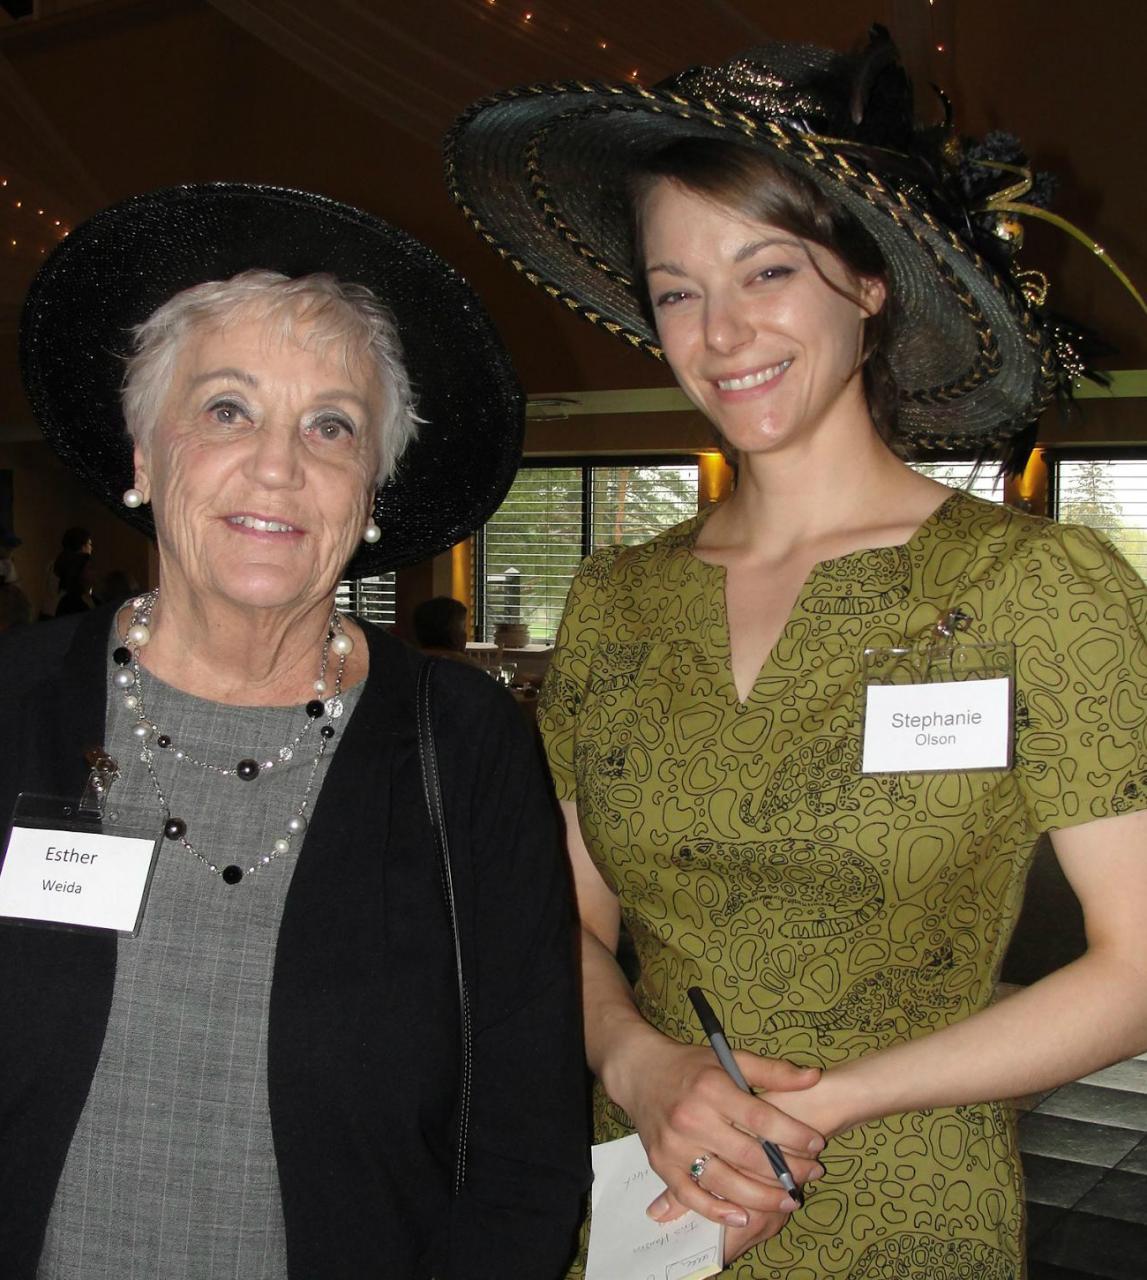 Two women wearing fancy hats.